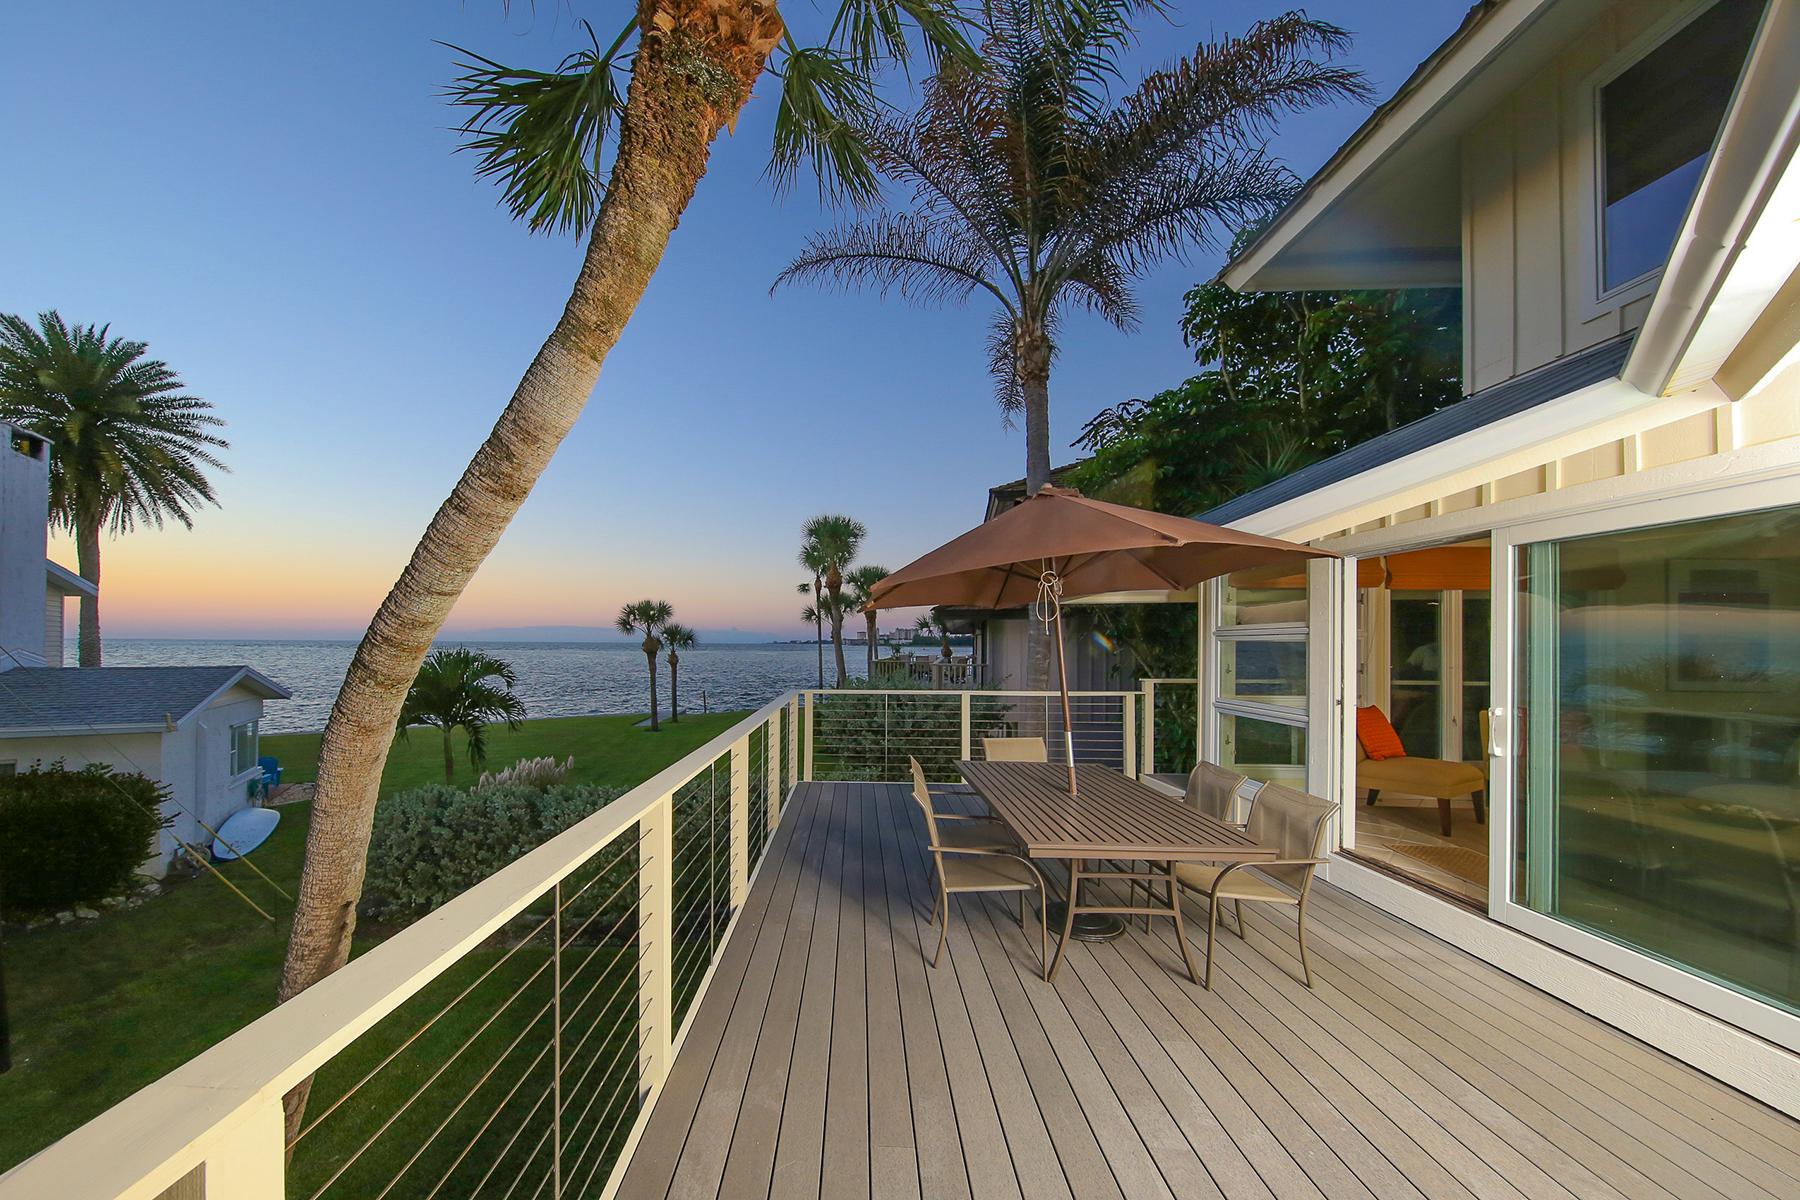 Einfamilienhaus für Verkauf beim SIESTA KEY 108 Sand Dollar Ln Sarasota, Florida 34242 Vereinigte Staaten